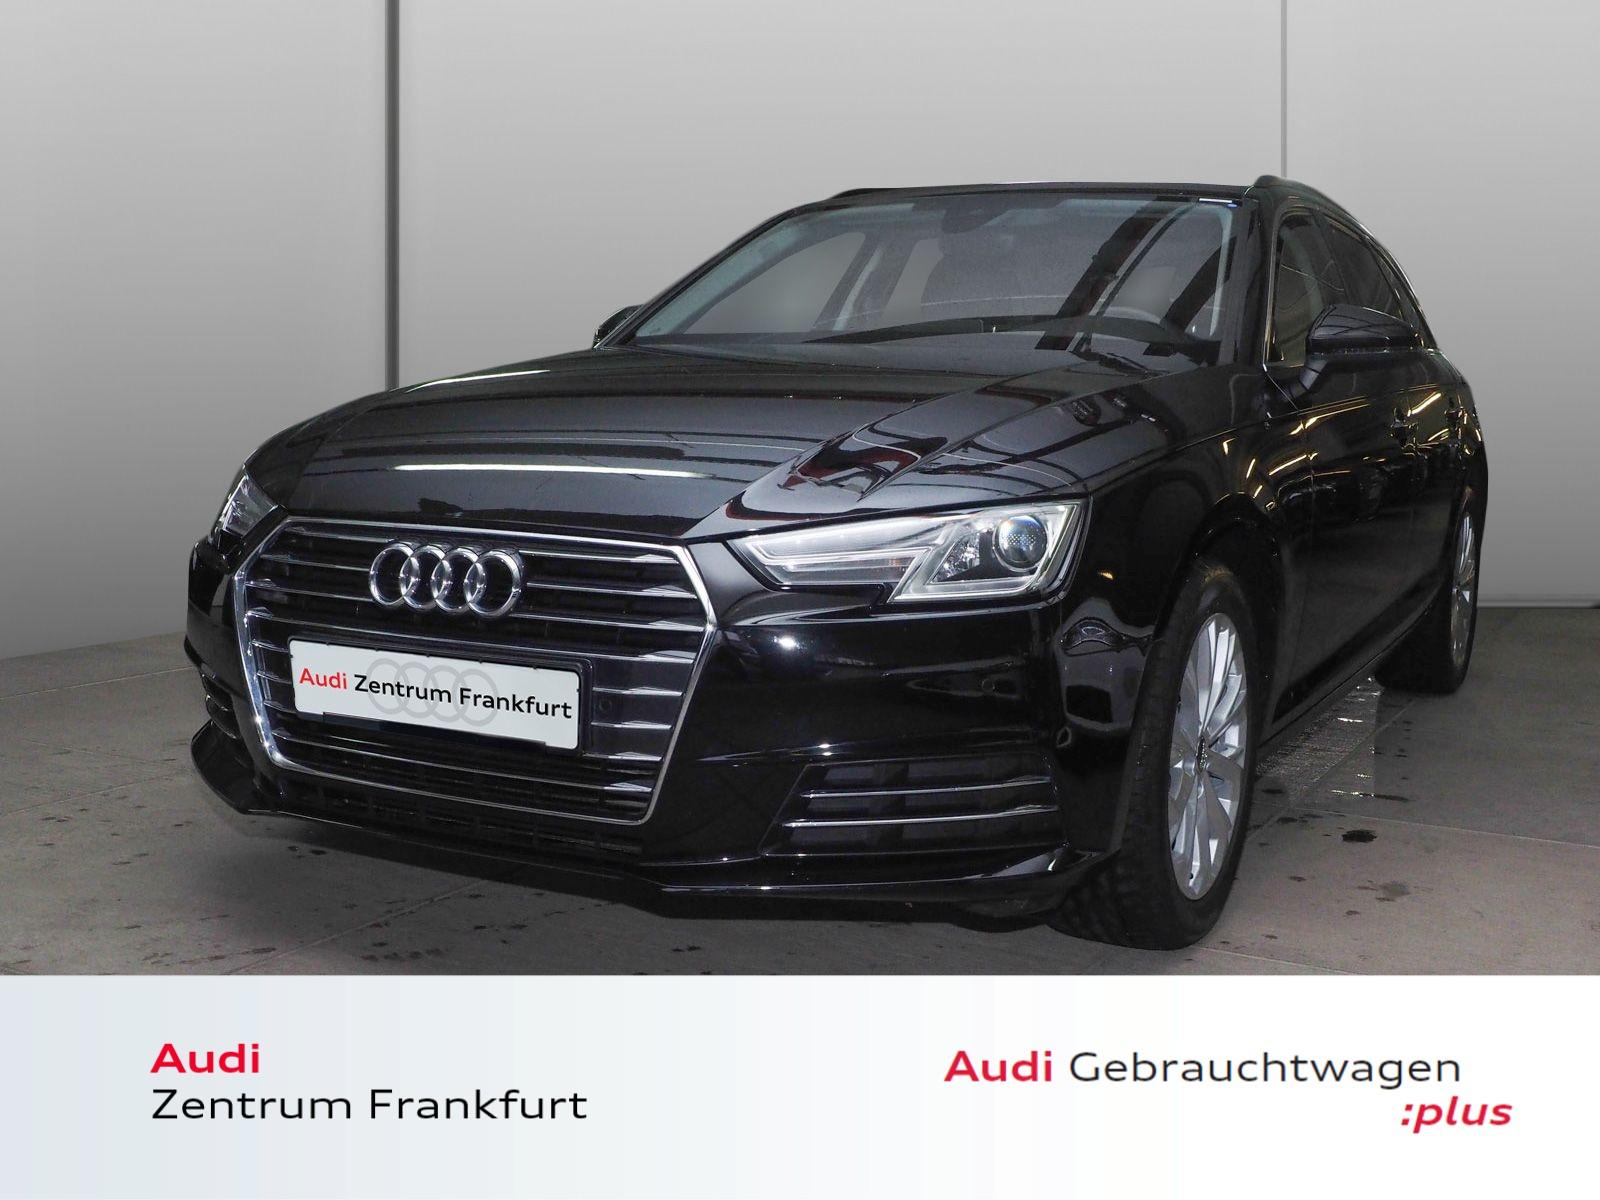 Audi A4 Avant g-tron 2.0 TFSI Design B&O Navi Keyless Go, Jahr 2017, other